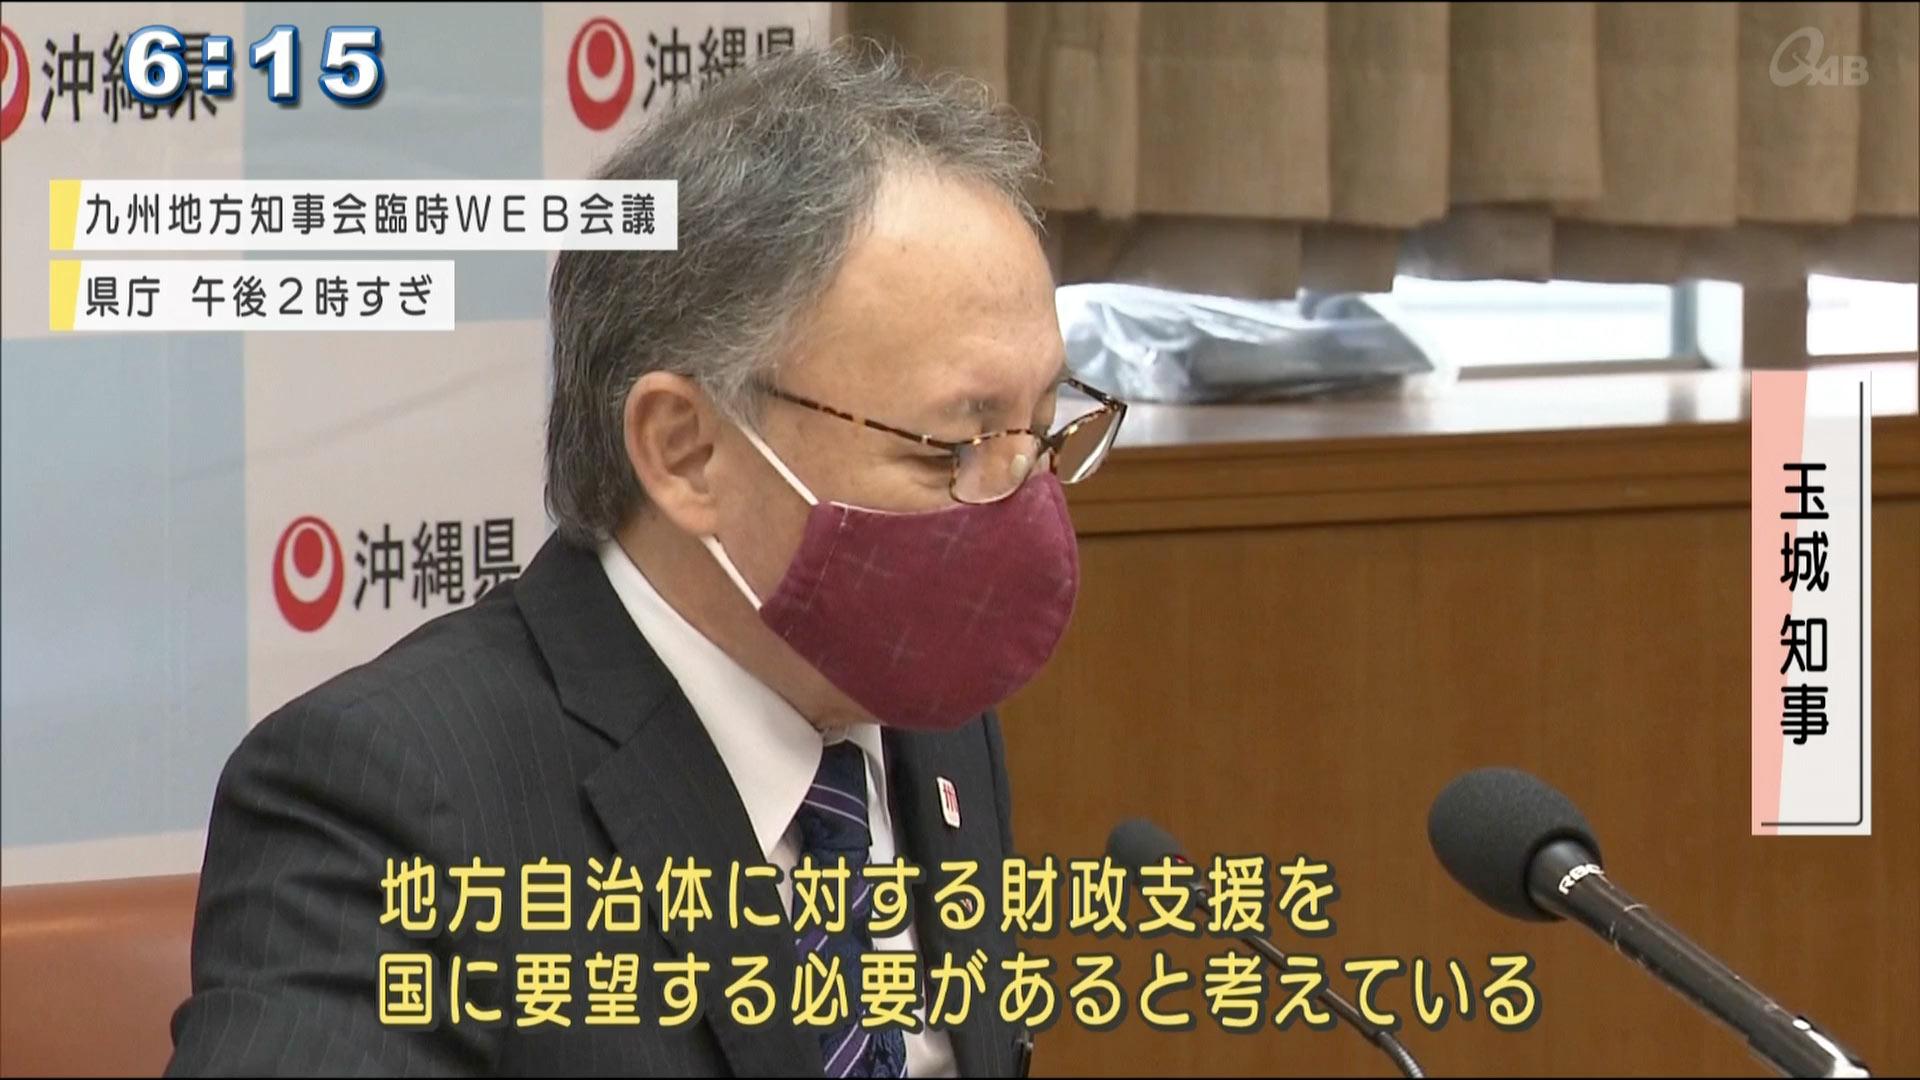 九州地方知事会臨時WEB会議